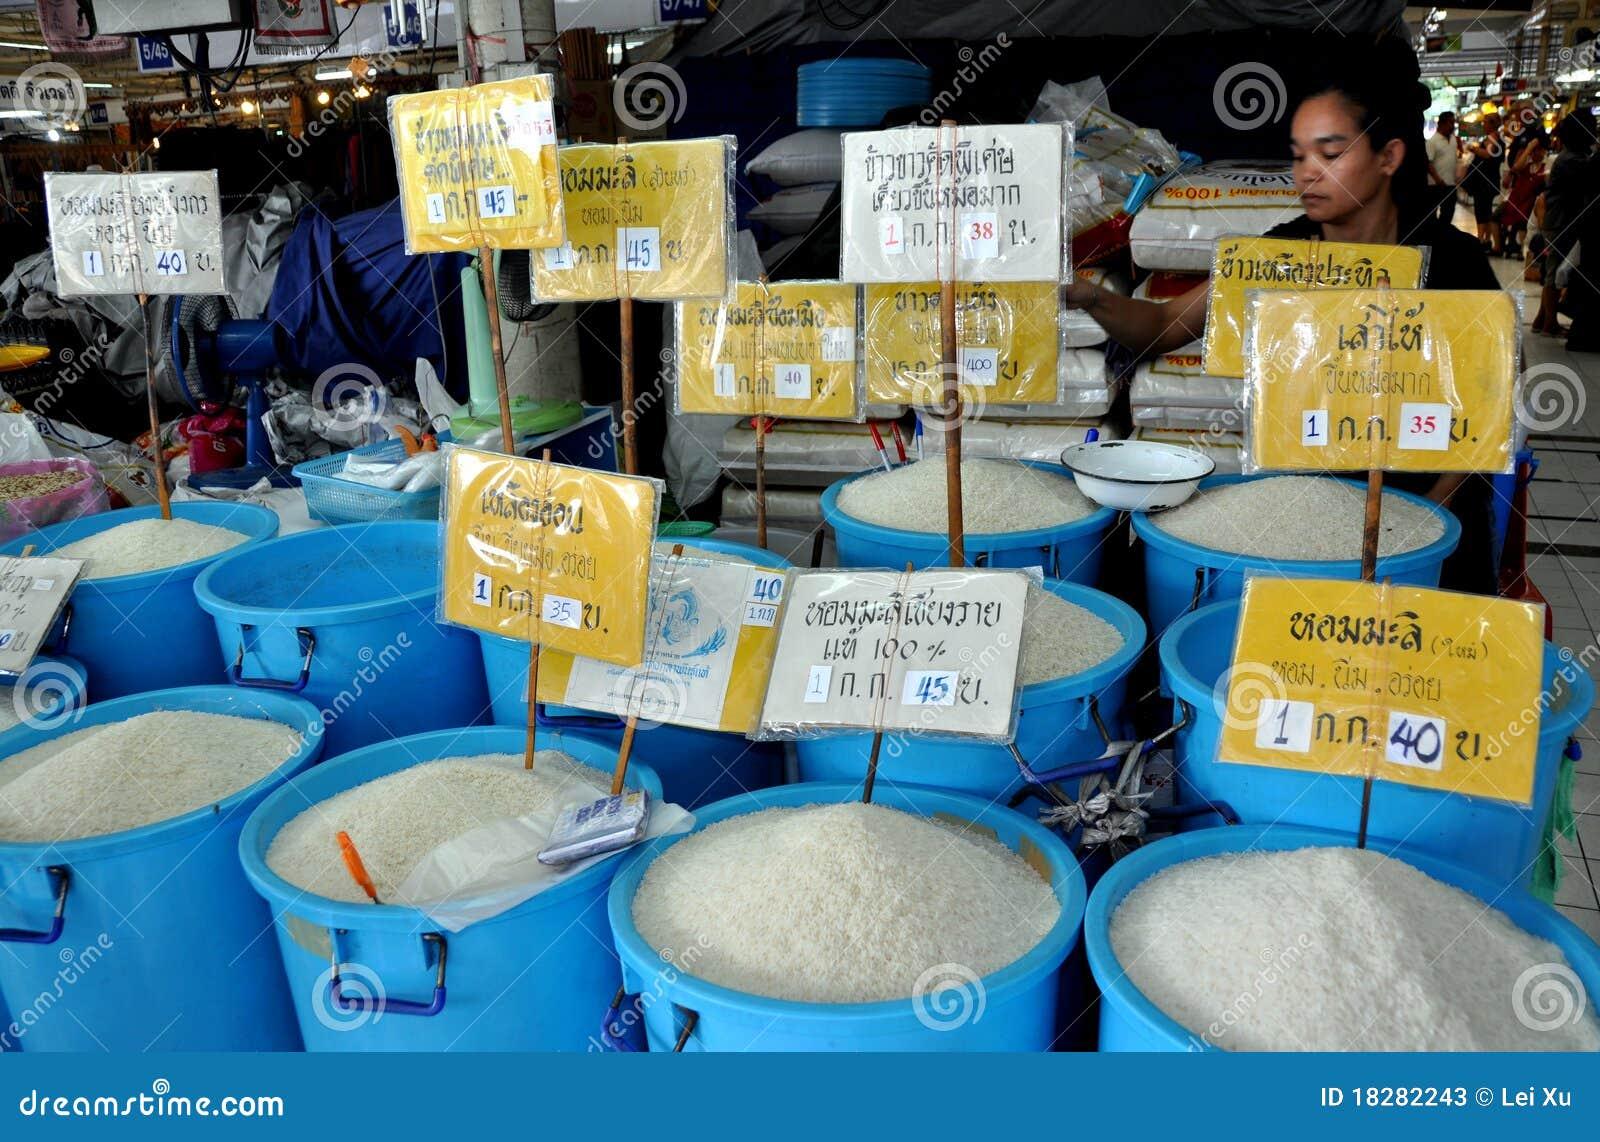 Rice retailing business plan